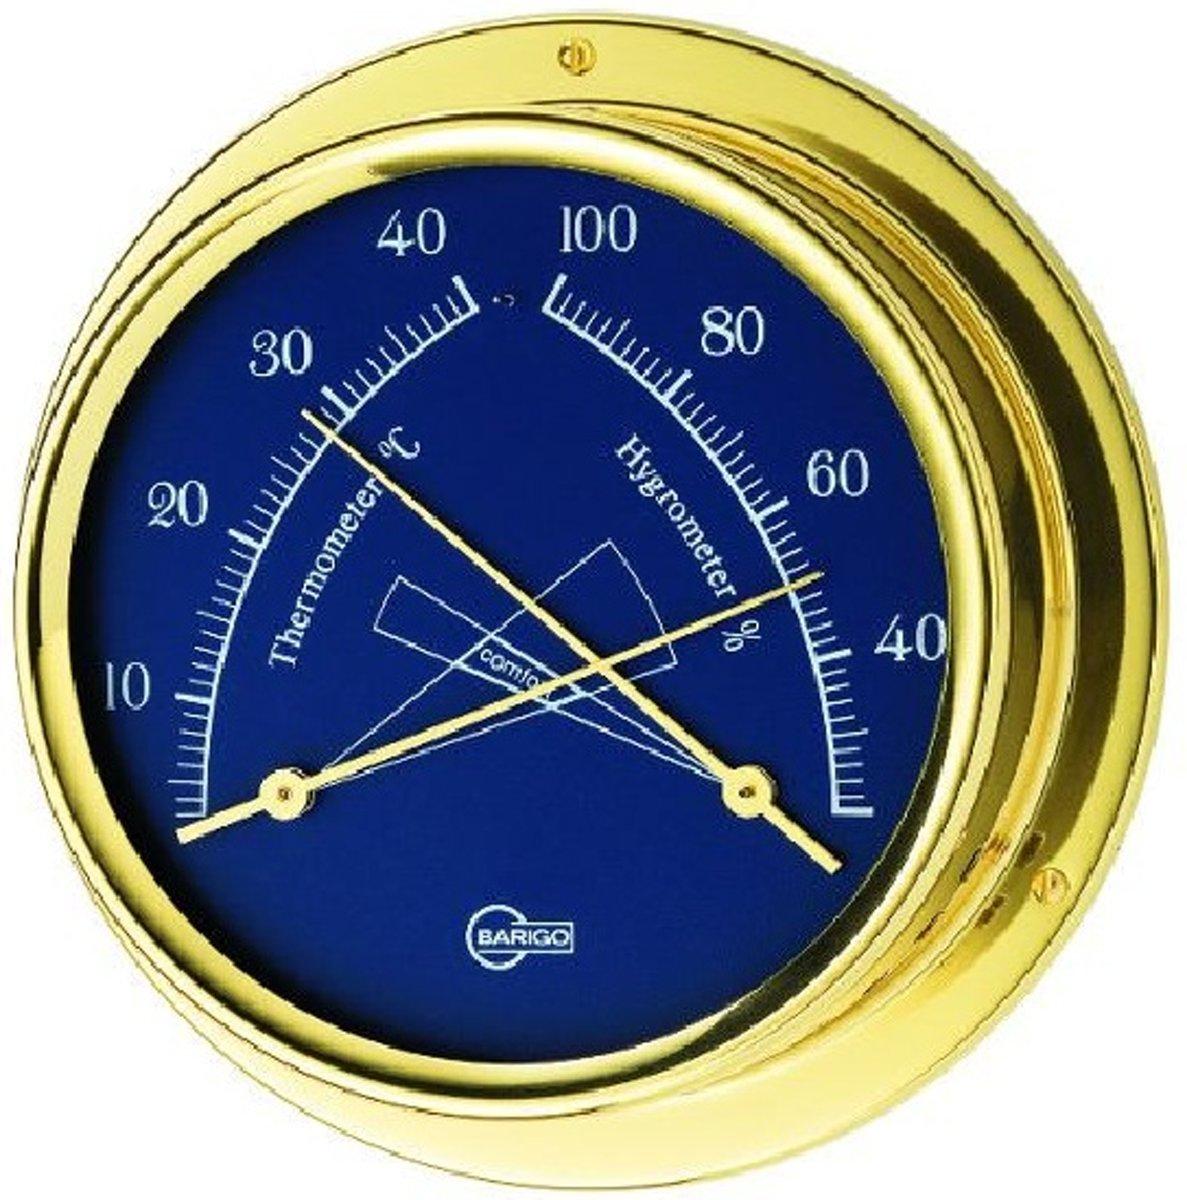 Barigo Mod. 984MSBL - Horloge kopen